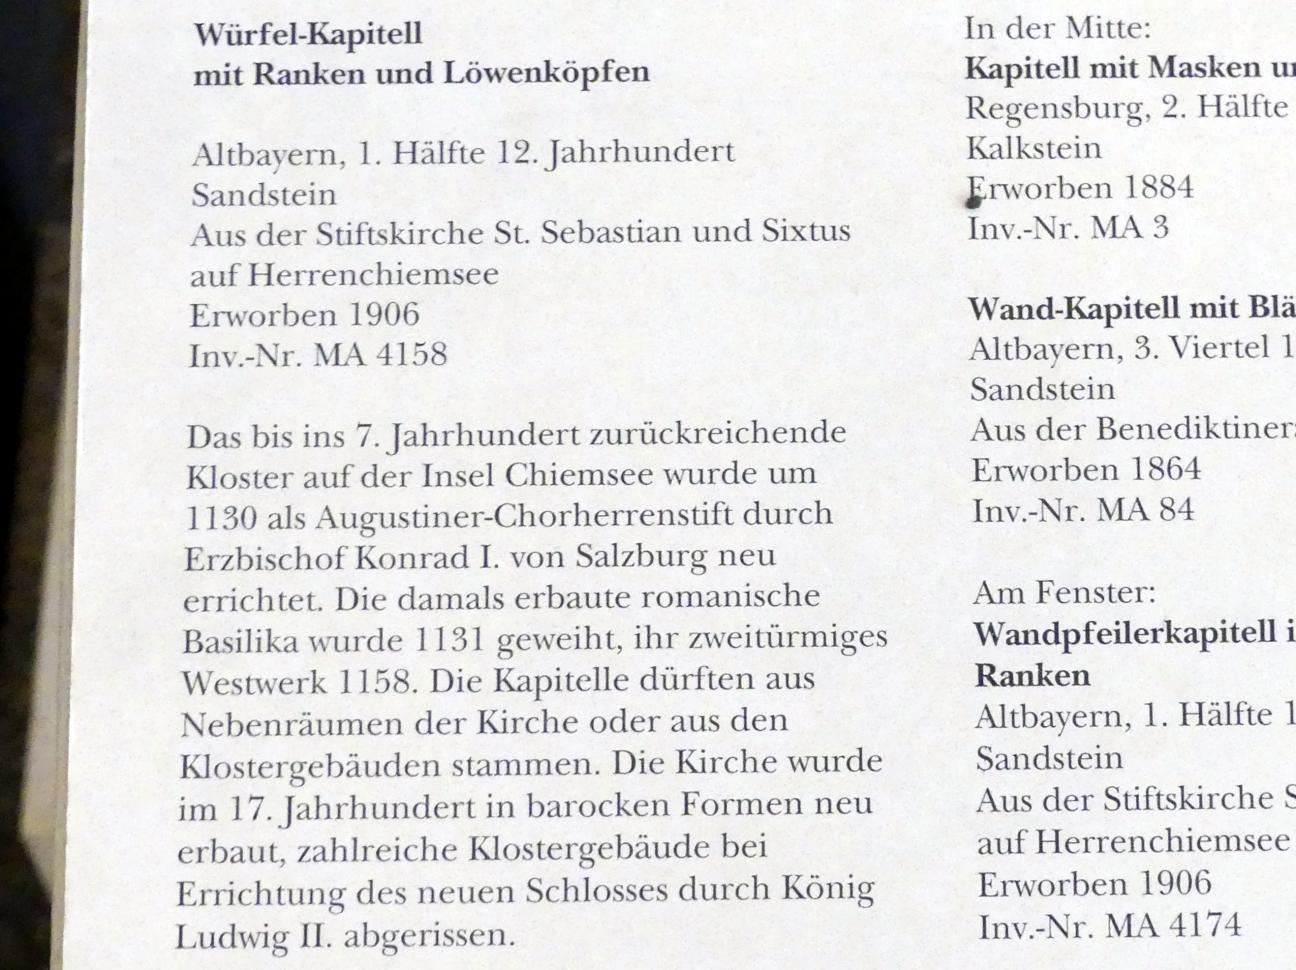 Würfel-Kapitell mit Ranken und Löwenköpfen, 1. Hälfte 12. Jhd., Bild 2/2